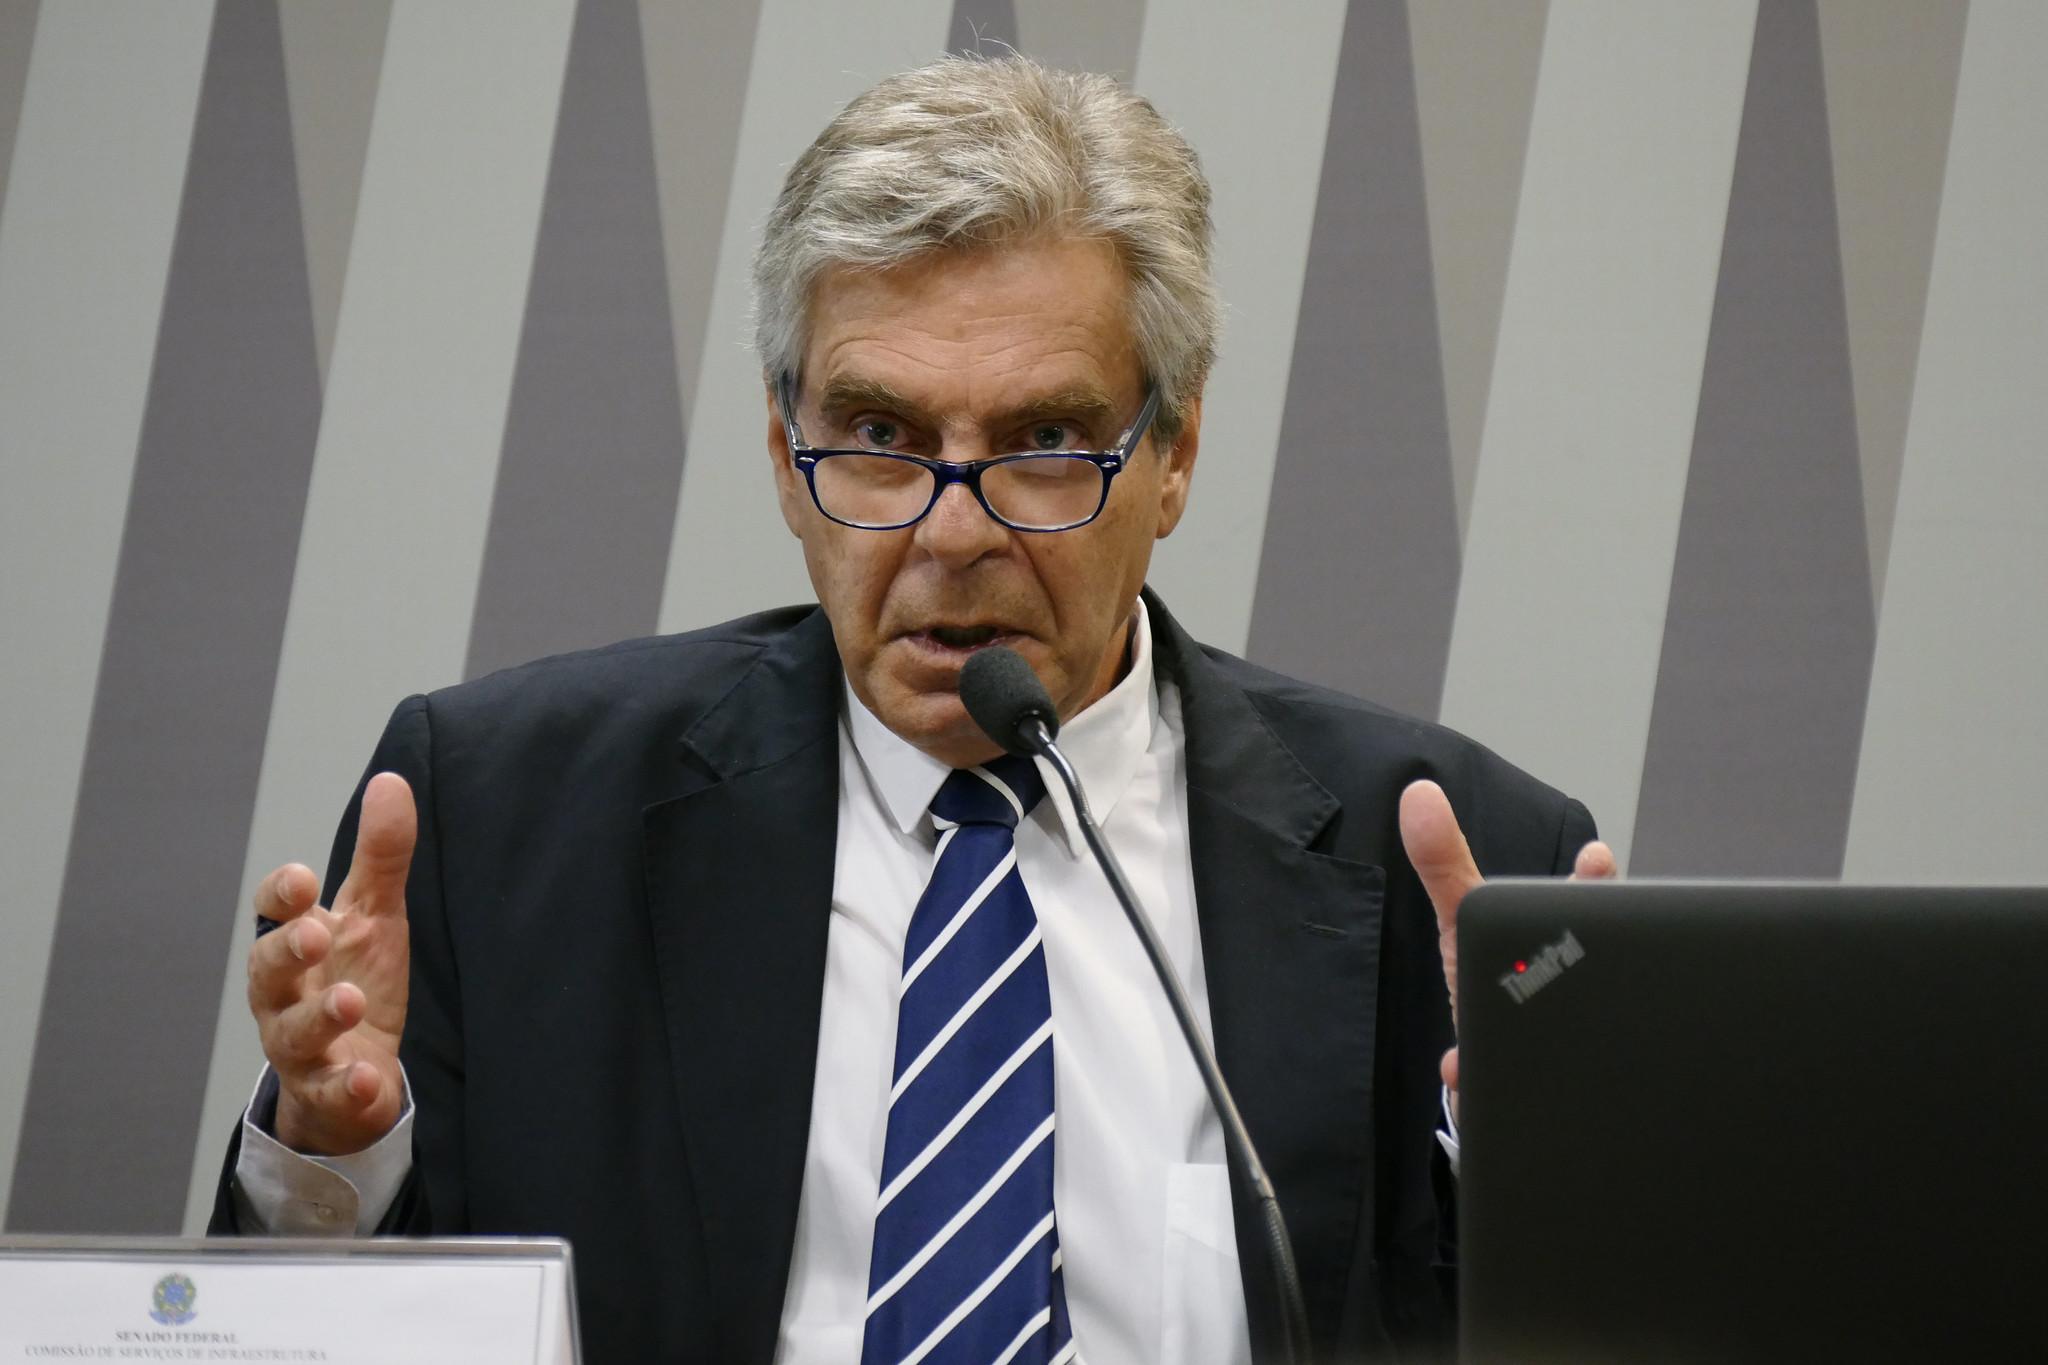 Novo Mercado de Gás não precisa de período de transição, diz diretor da ANP